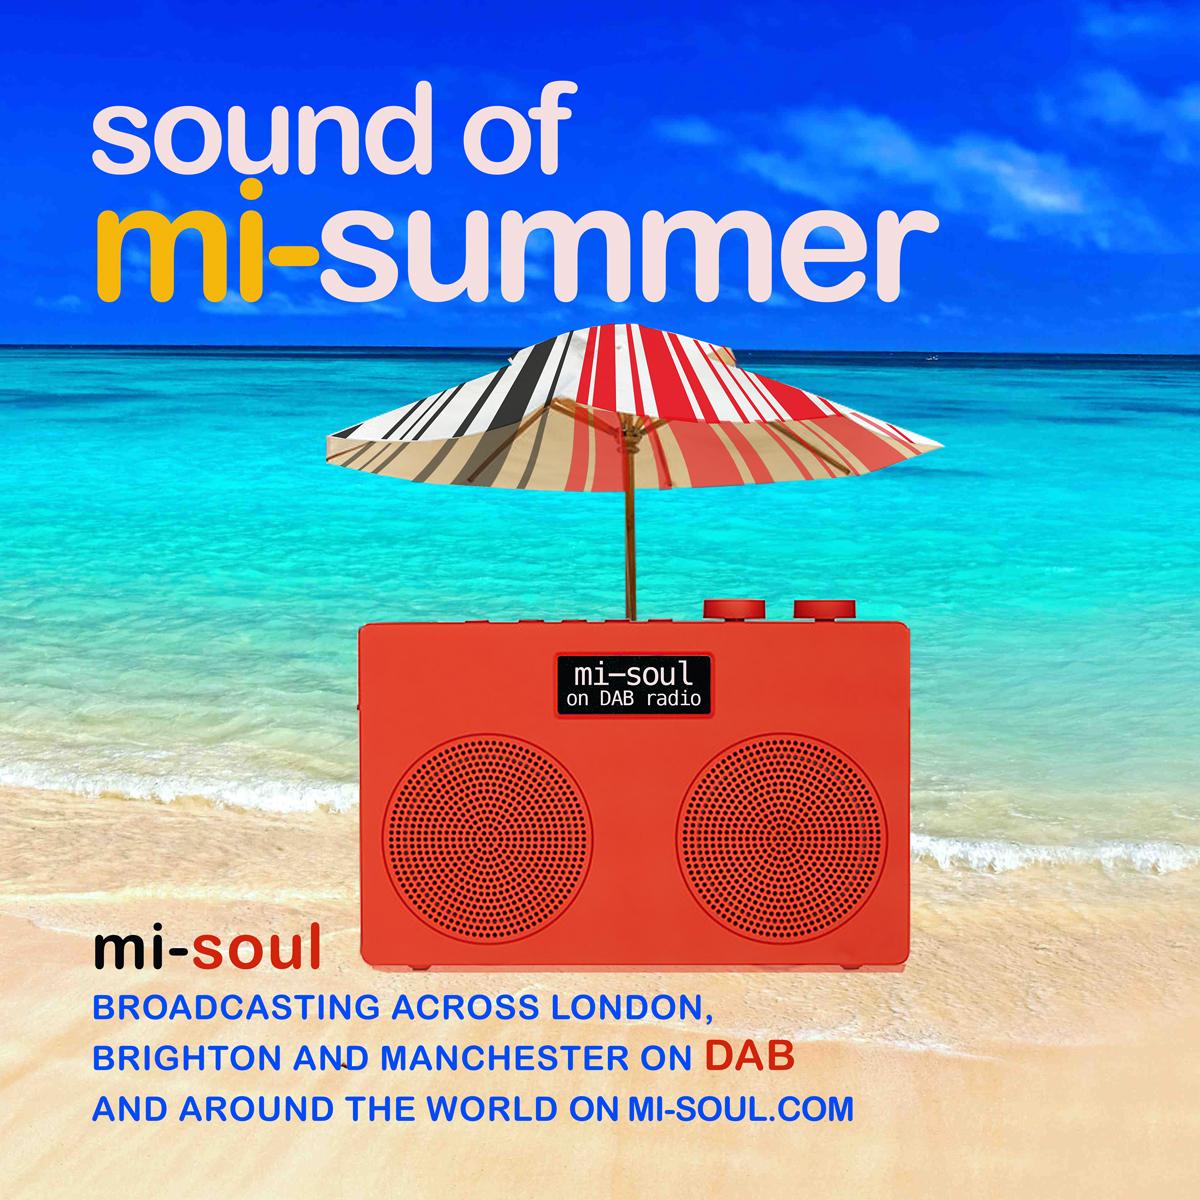 The Sound Of Mi-Summer